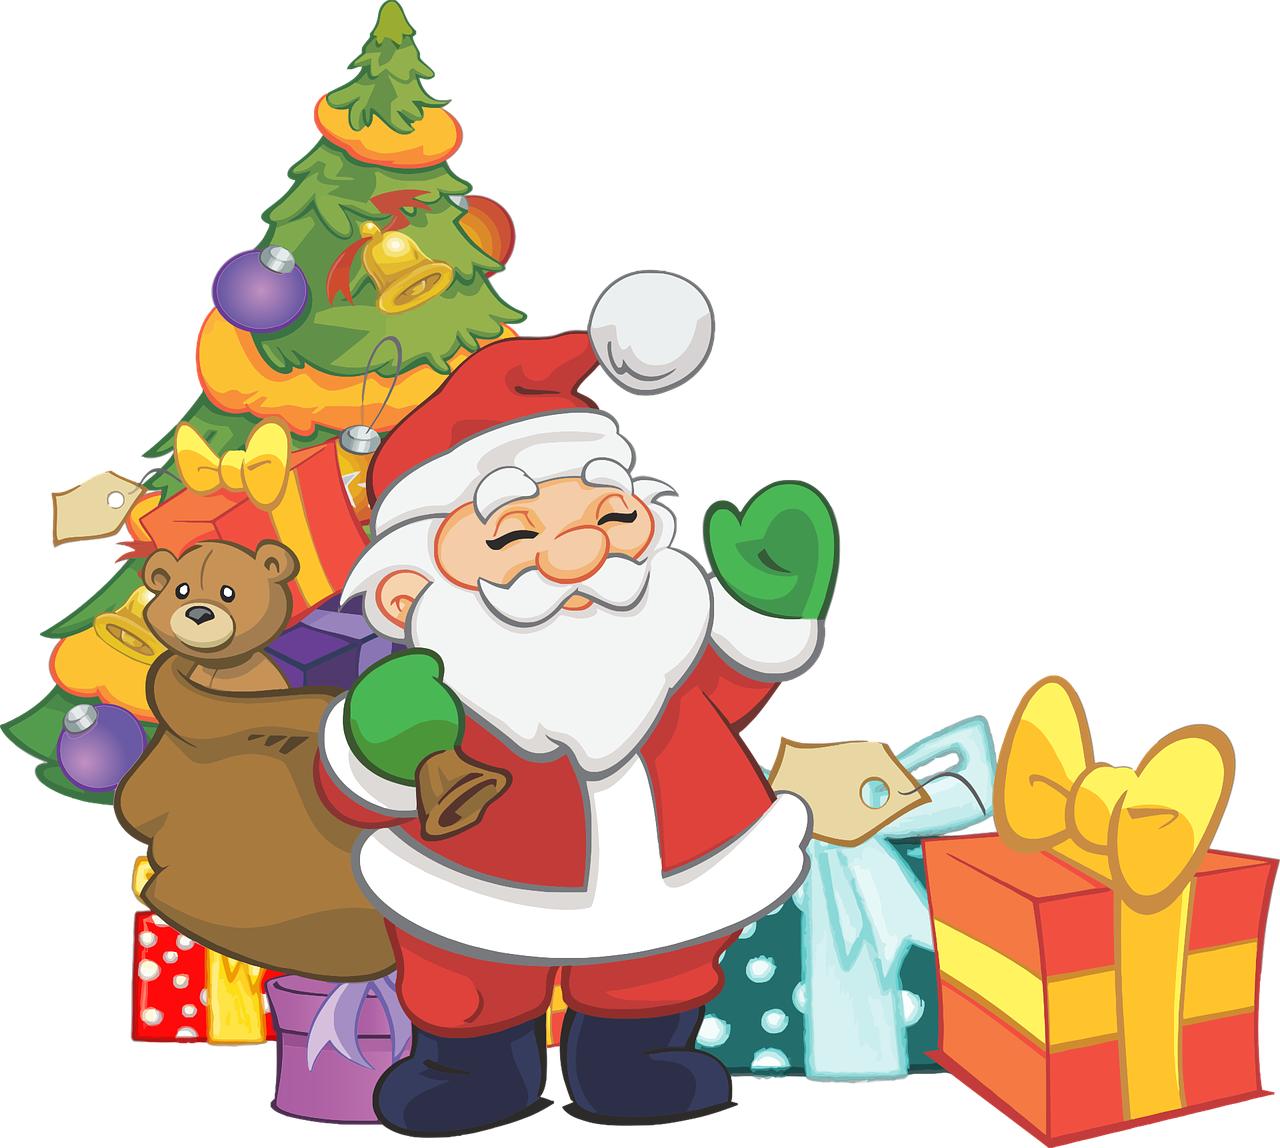 Mikołaj święta bajka dla dzieci do słuchania